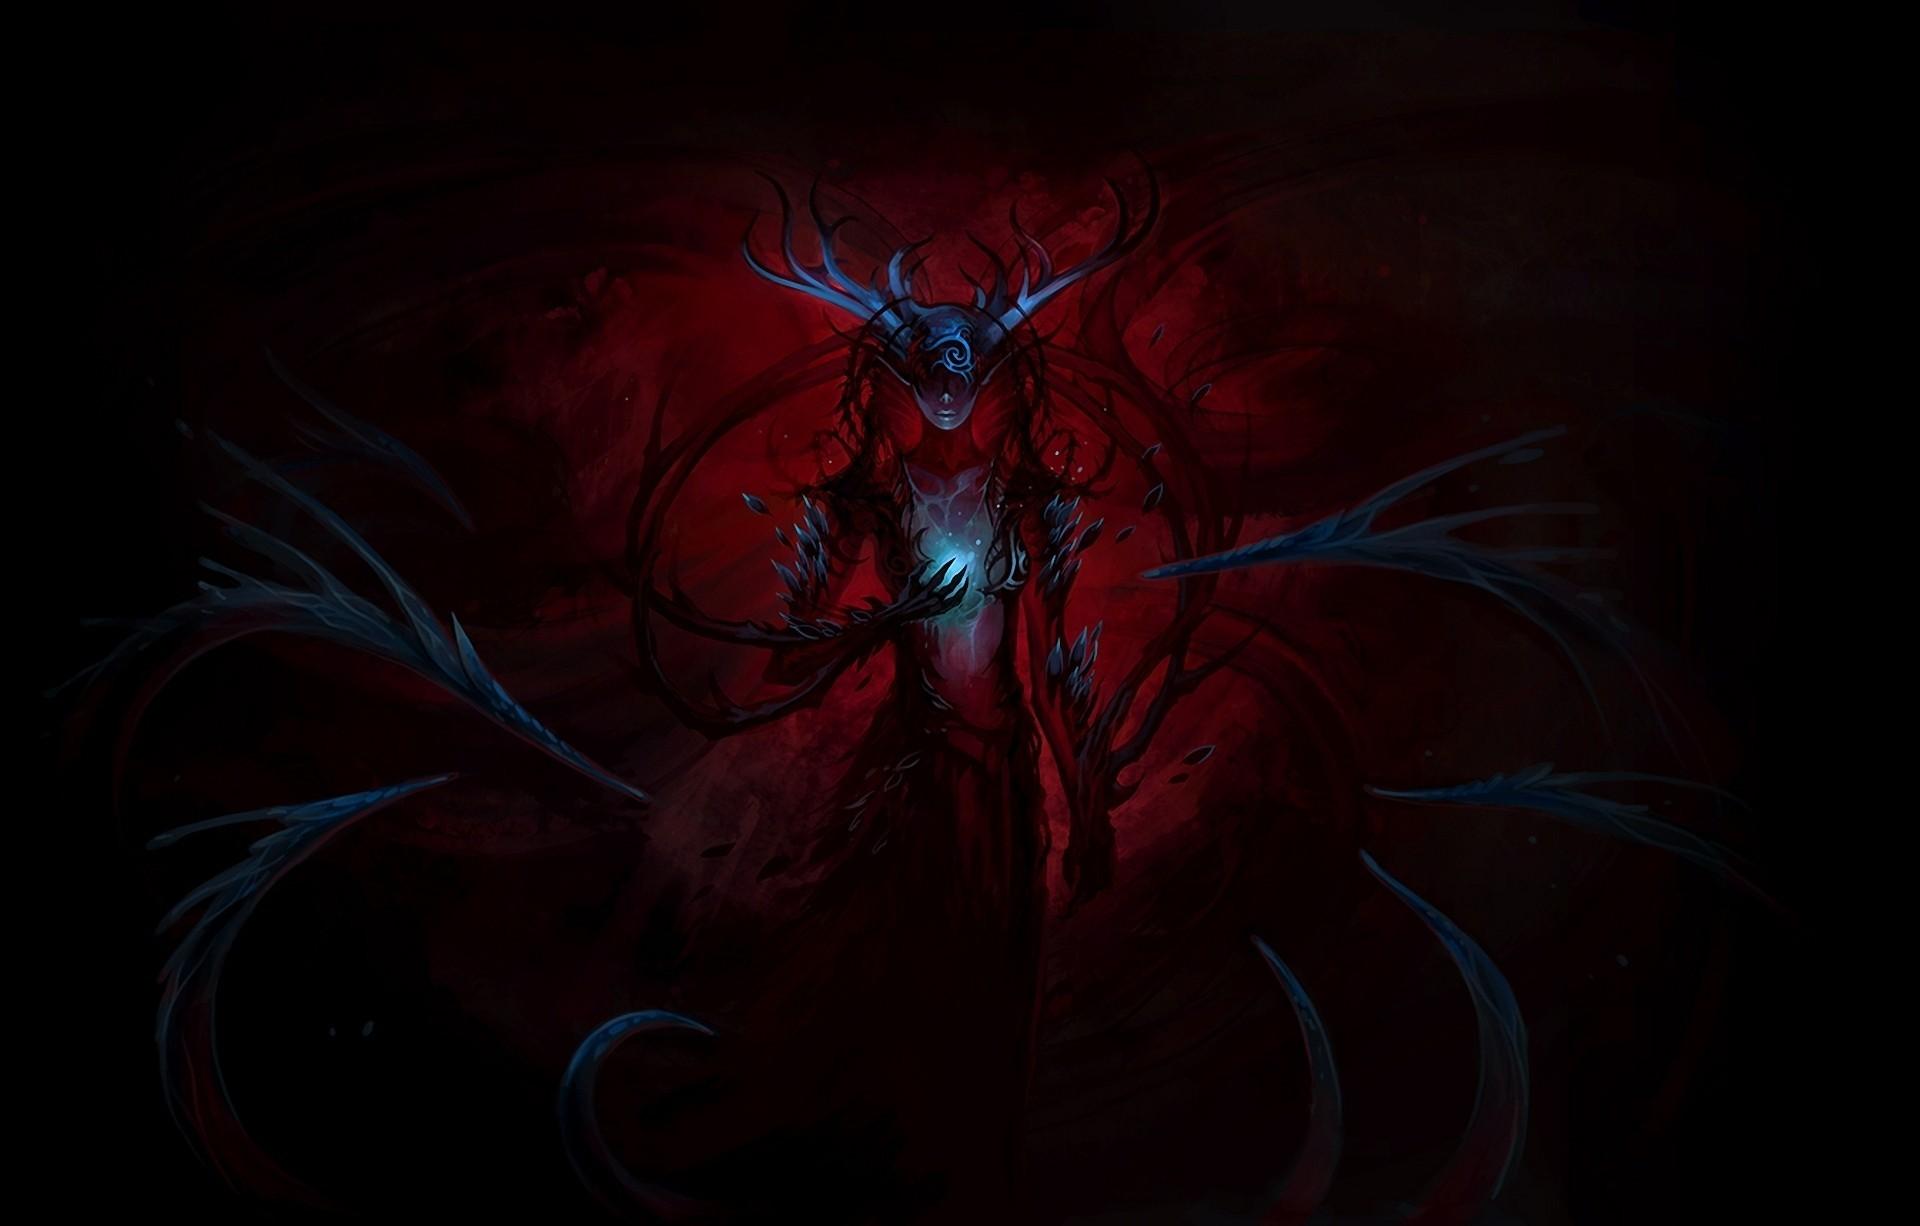 … Artwork Demon Wallpaper Artwork, Demon, Girl · Original Anime  …